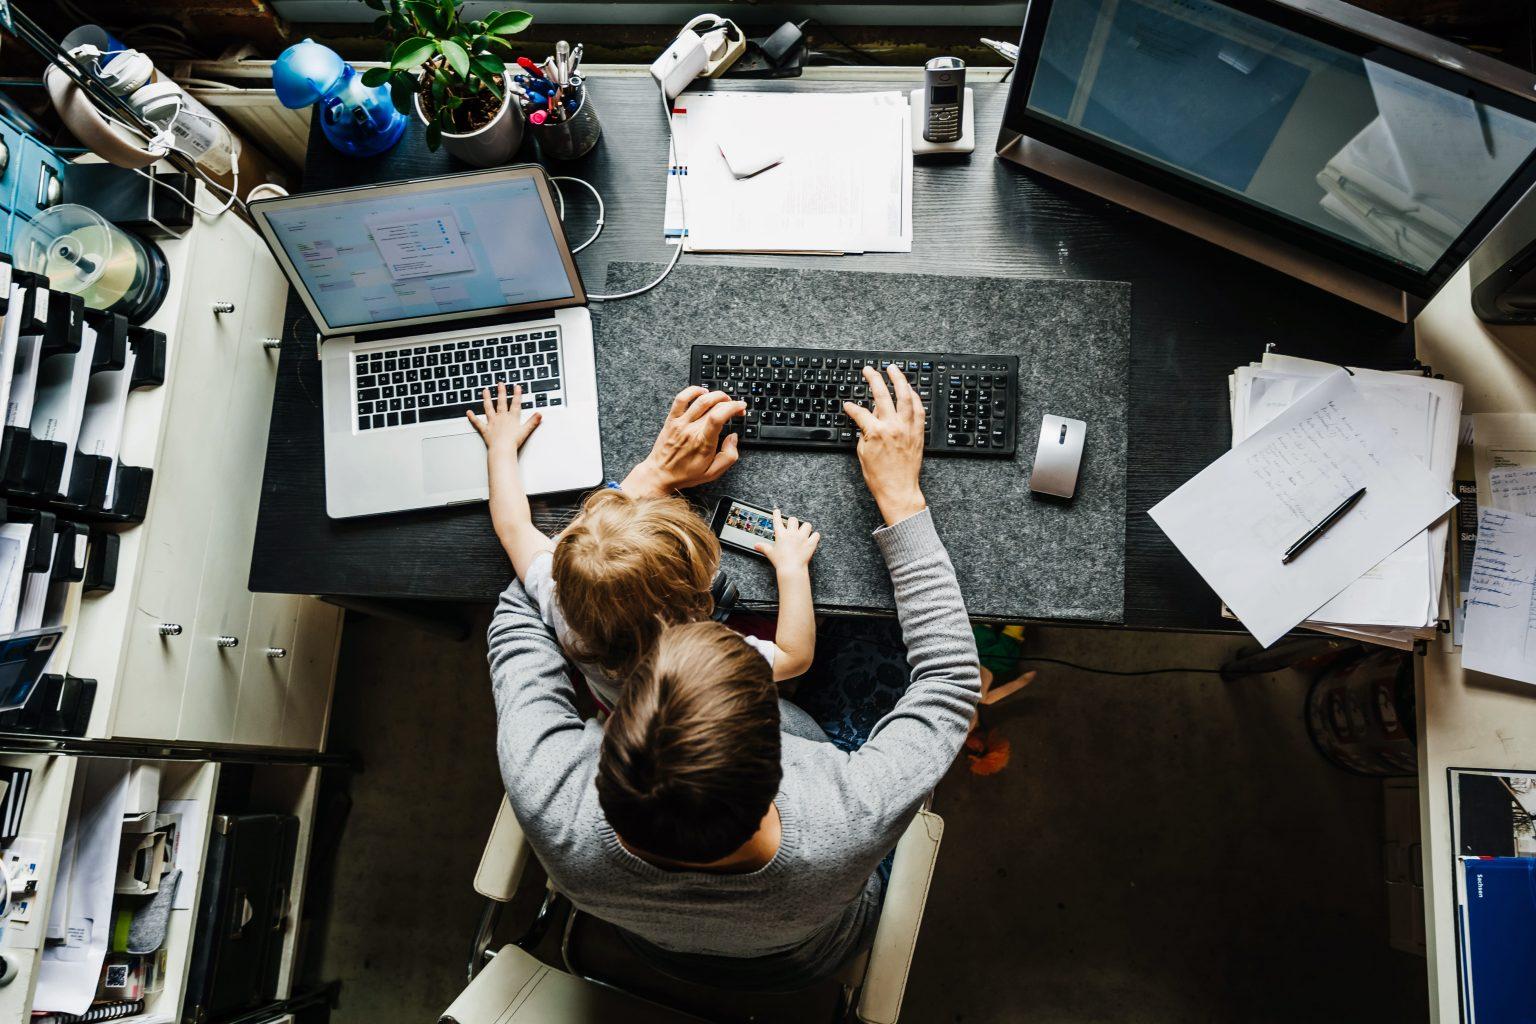 فيس بوك وجوجل تُمددا عمل موظفيهما من المنزل حتى نهاية 2020 Dims-1536x1024